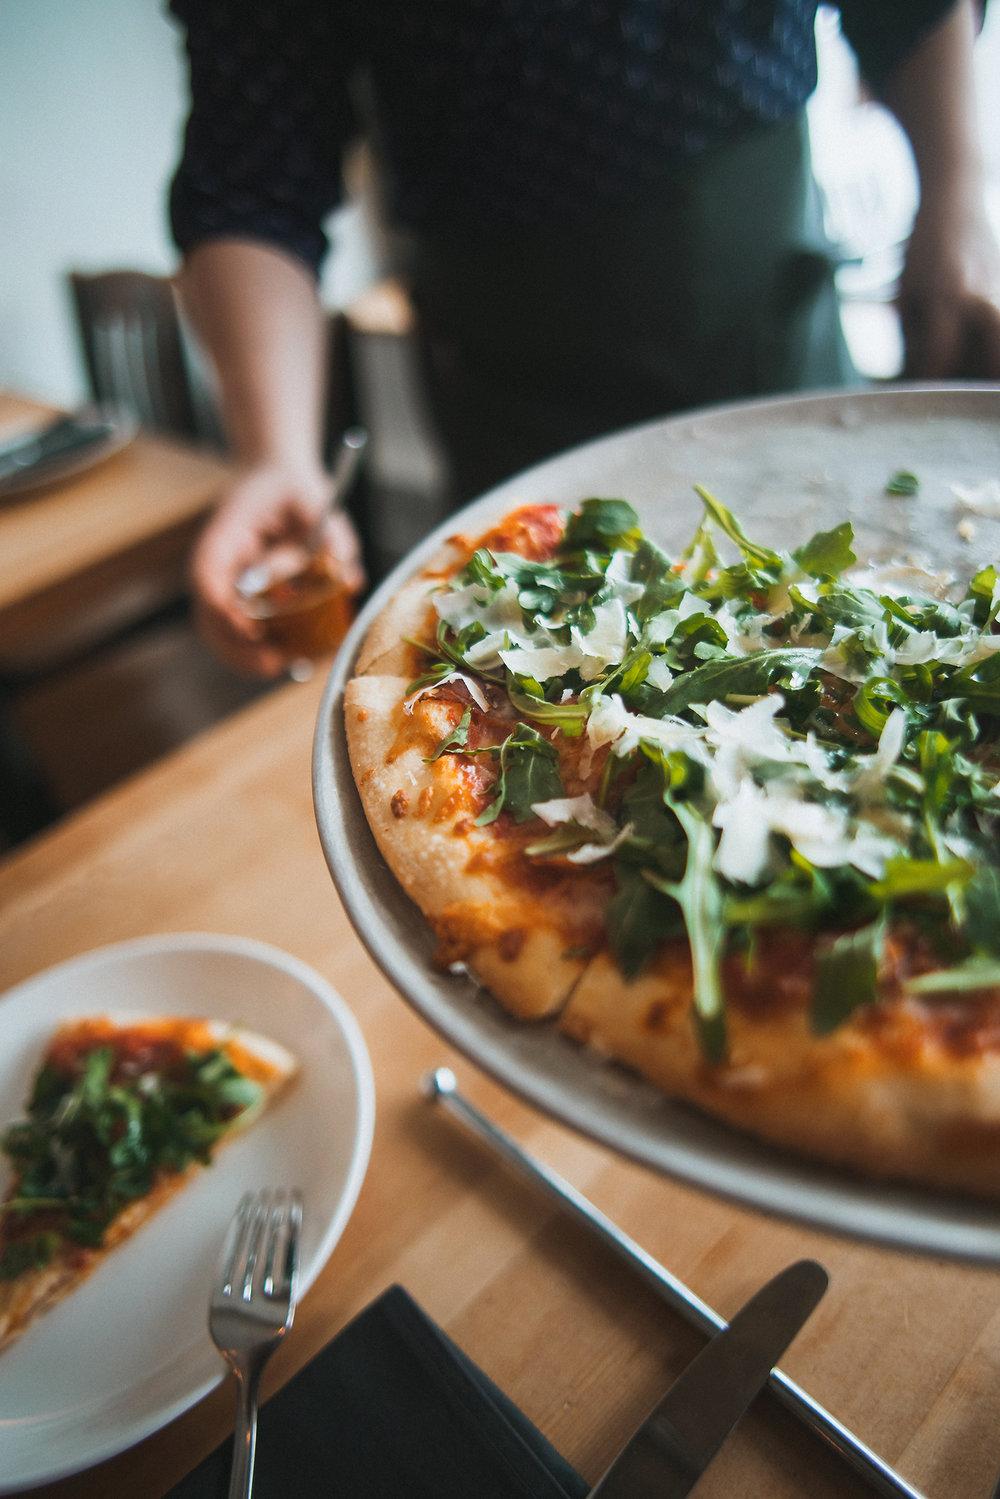 Calgary-food-photography-calgaryphotographer-2.jpg